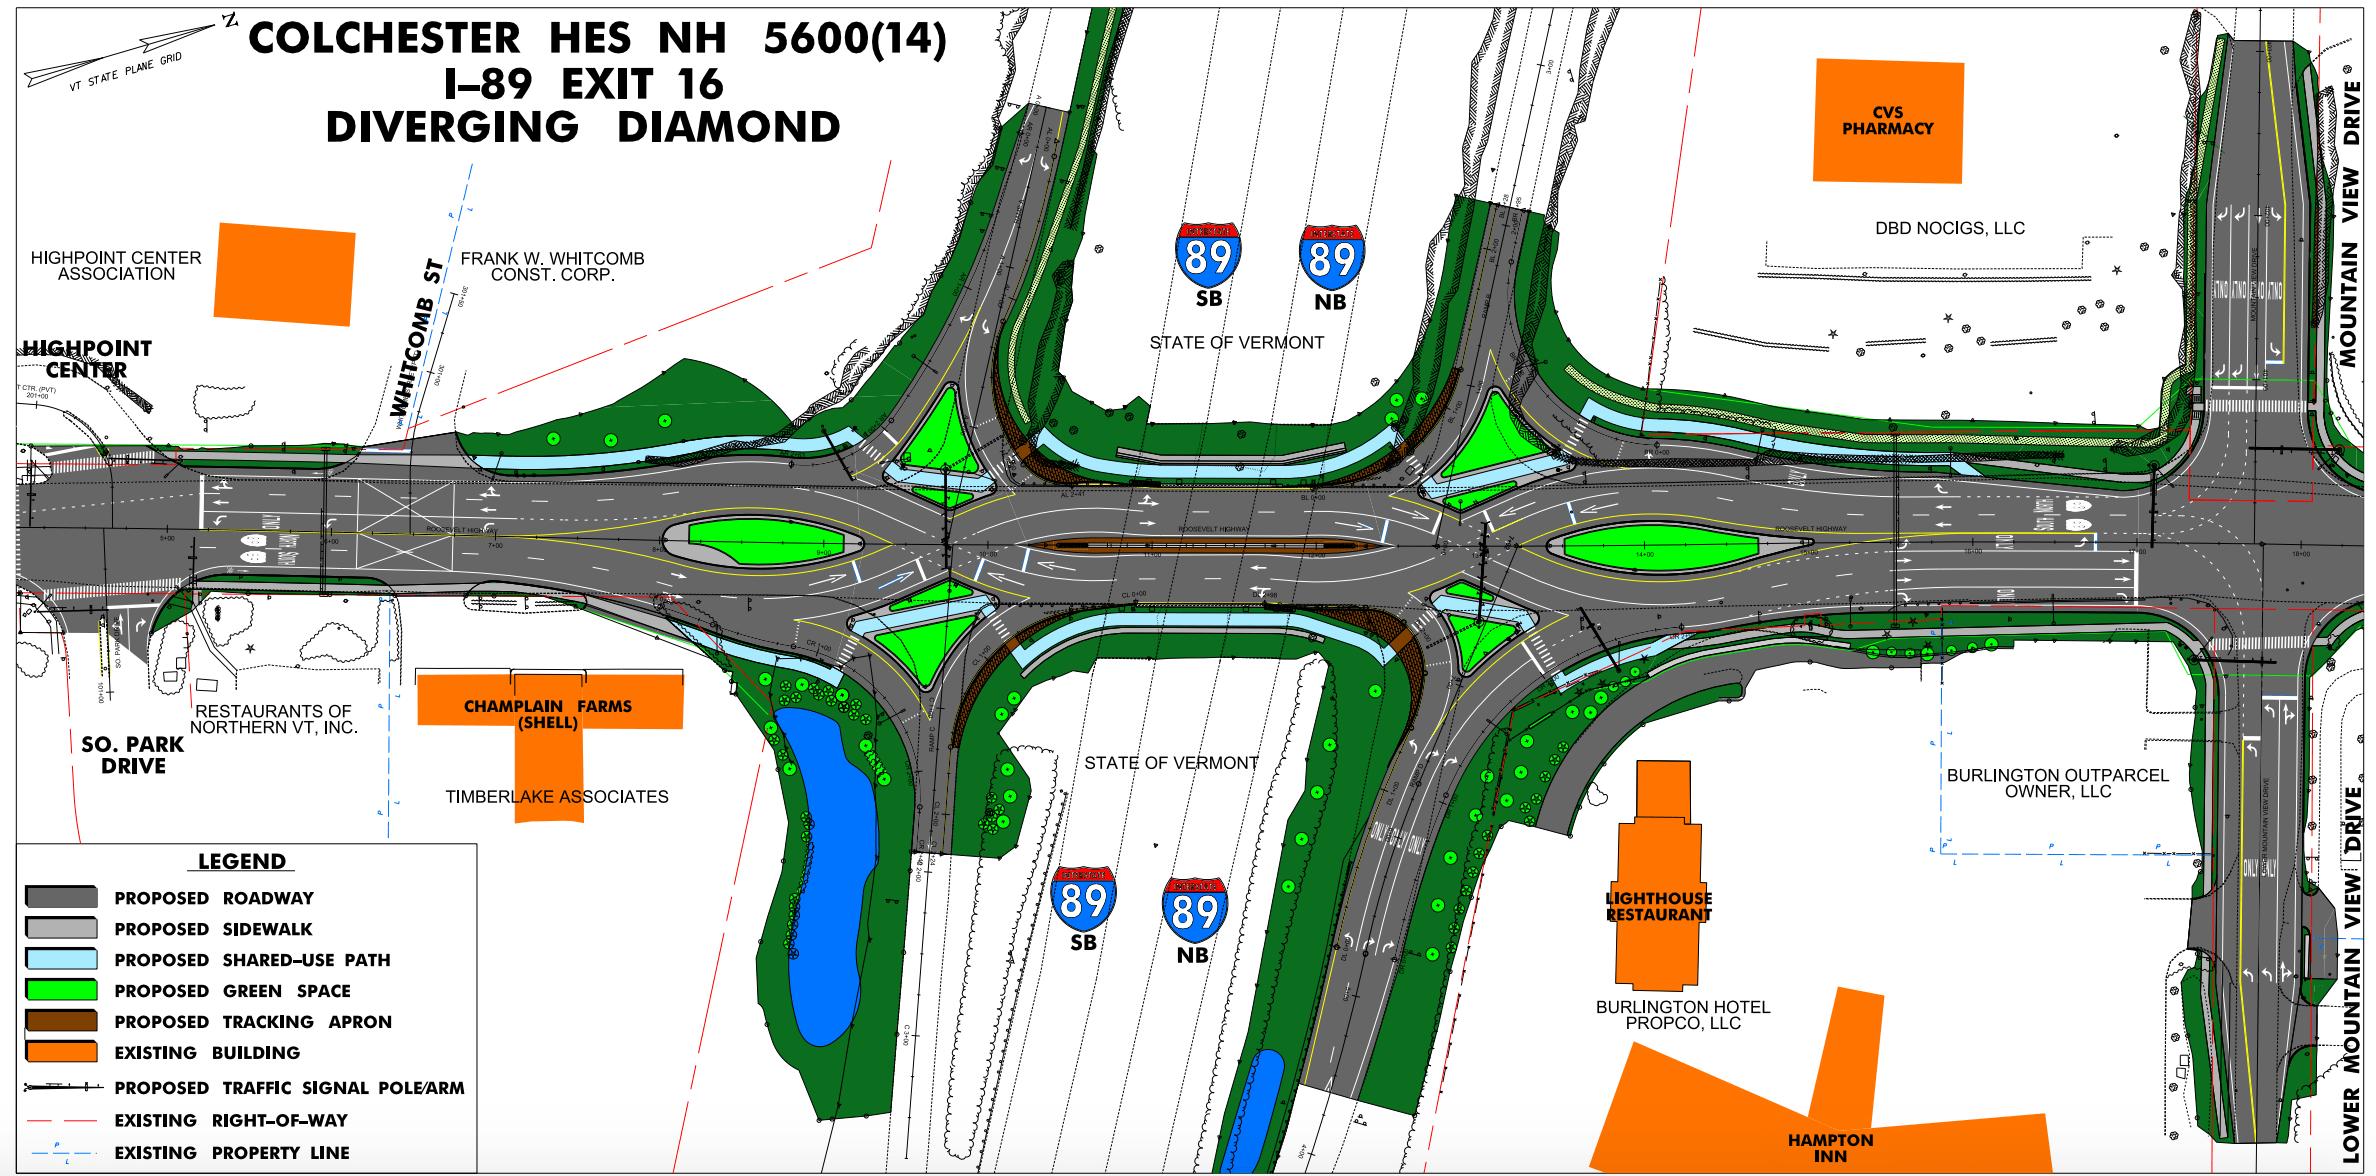 I 89 Exit 16.png